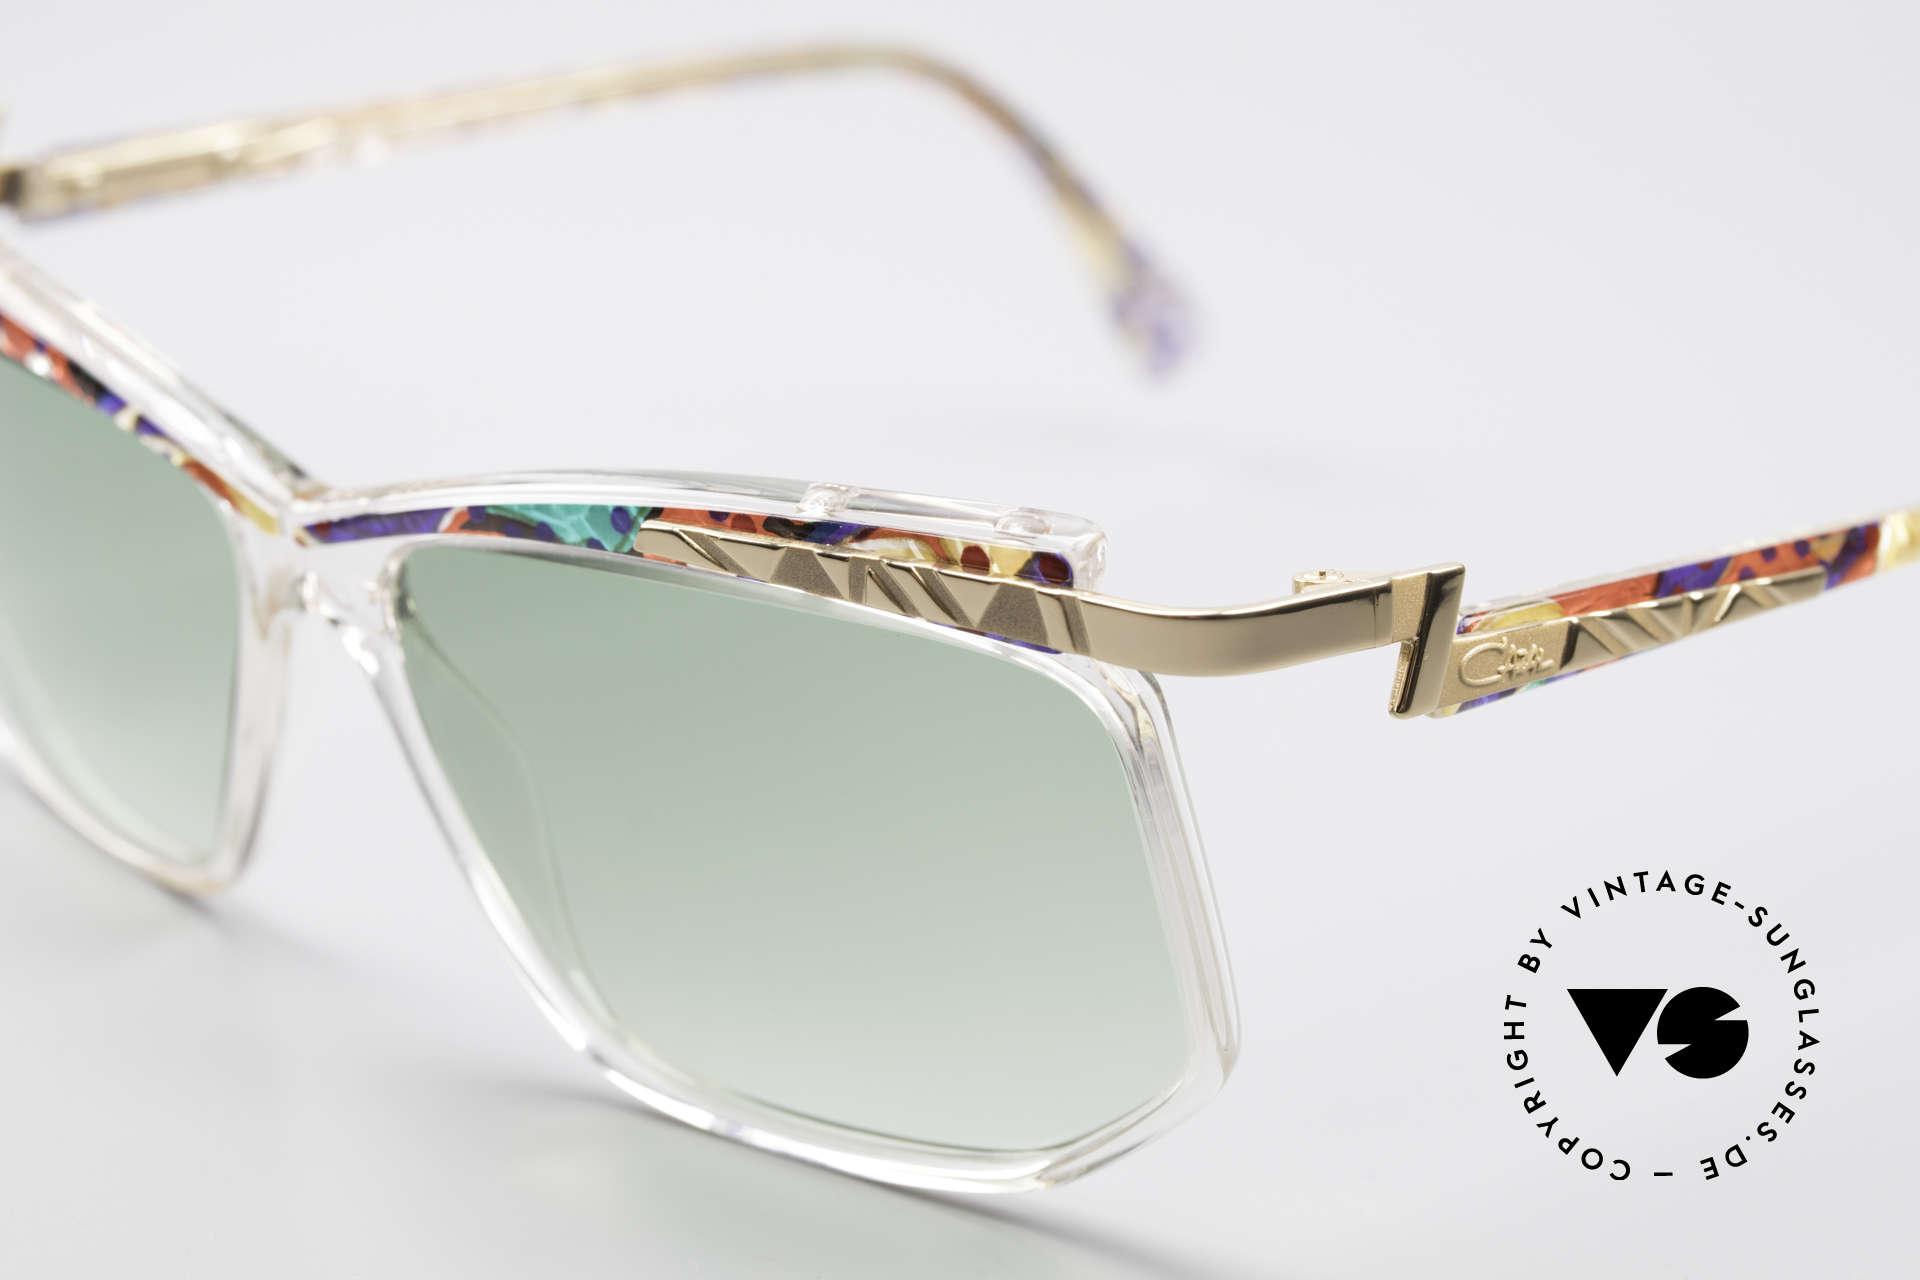 Cazal 366 Vintage Sonnenbrille Hip Hop, damals fester Bestandteil der US Hip-Hop-Szene, Passend für Herren und Damen